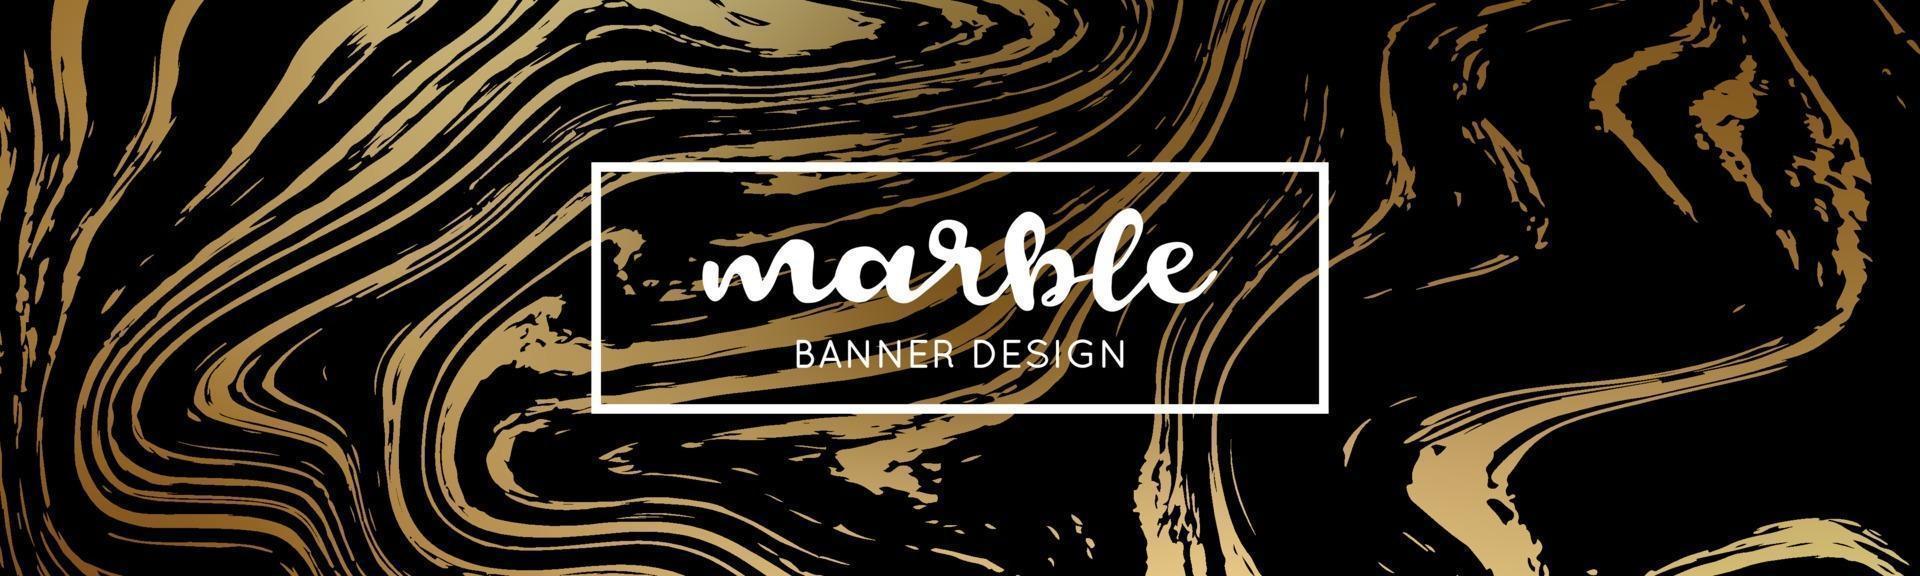 svart och guld marmor konsistens. abstrakt marmor bakgrund. vektor